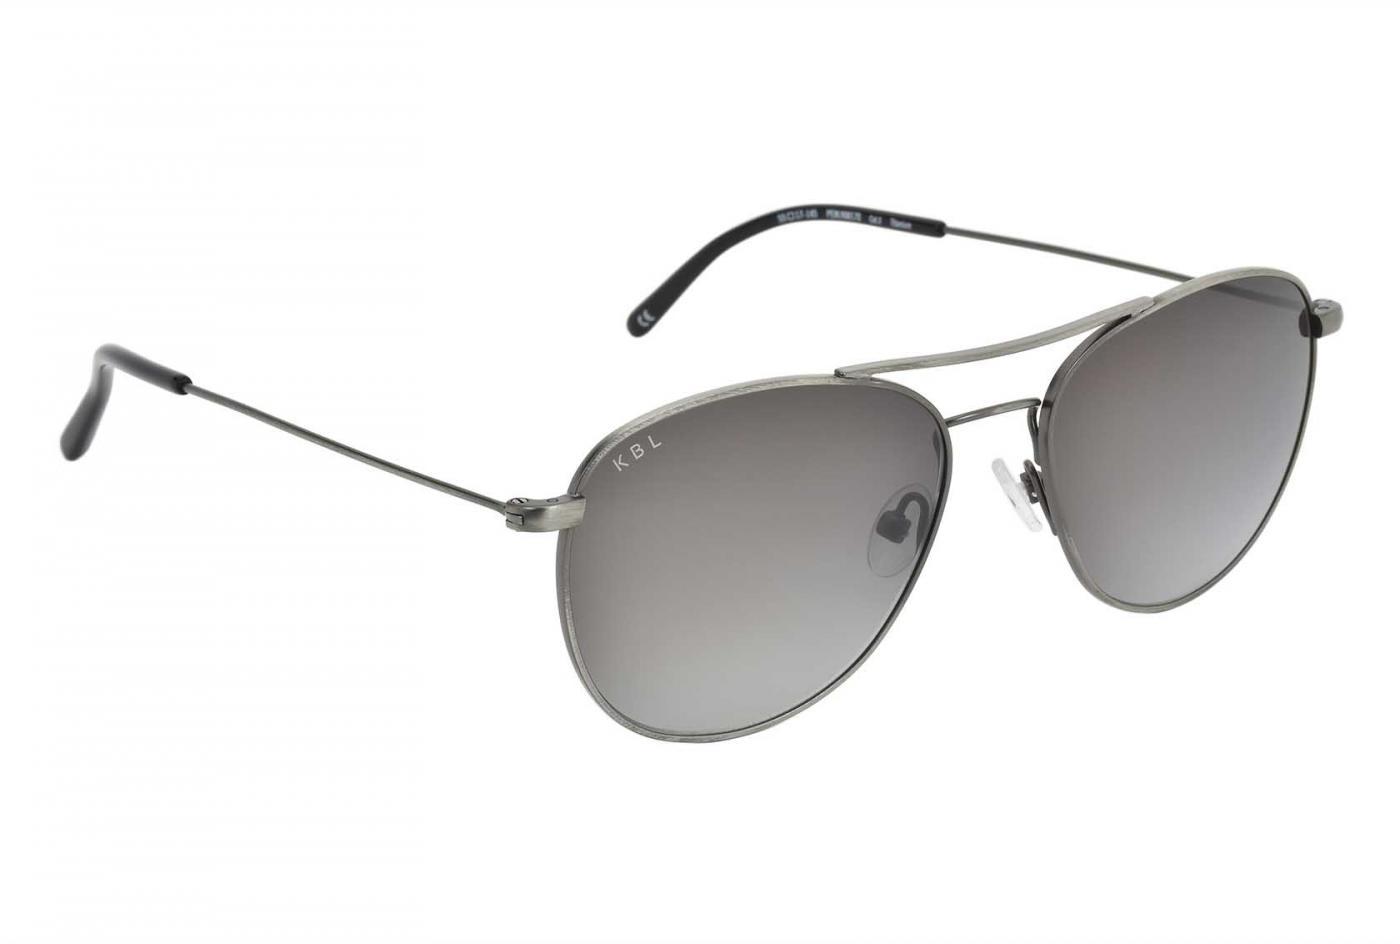 kbl eyewear – Kbl the bryant - the bryant- km170 størrelse 55 på brodersen + kobborg